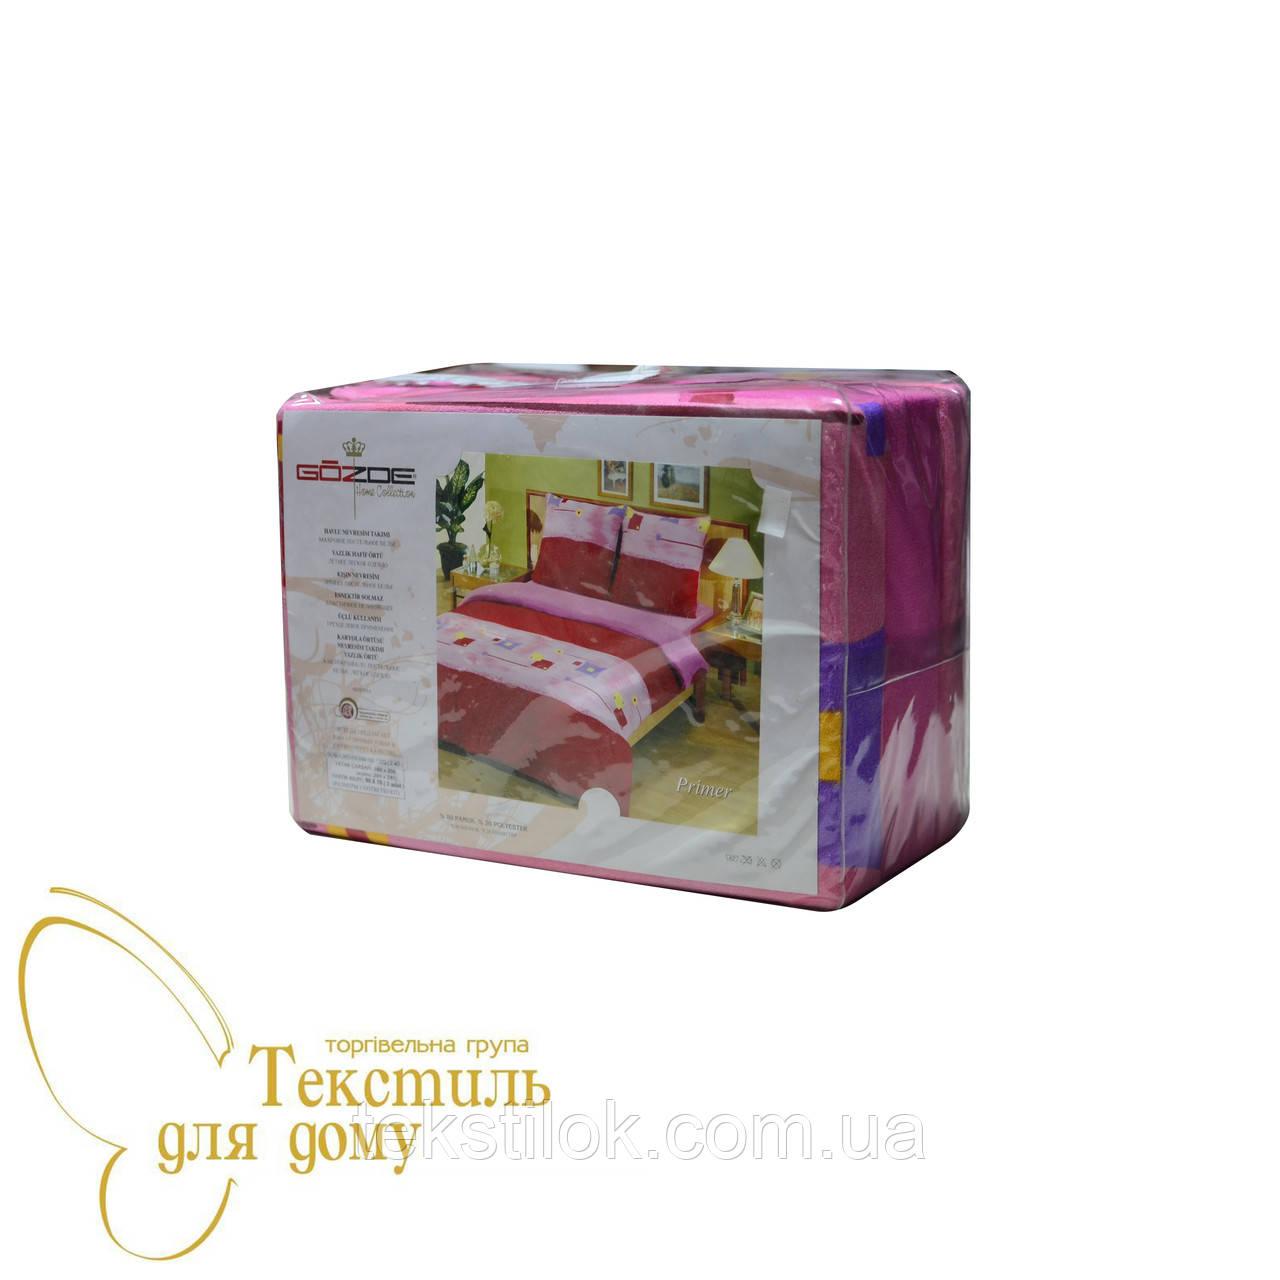 Комплект постельного белья махровый GOZDE Primer